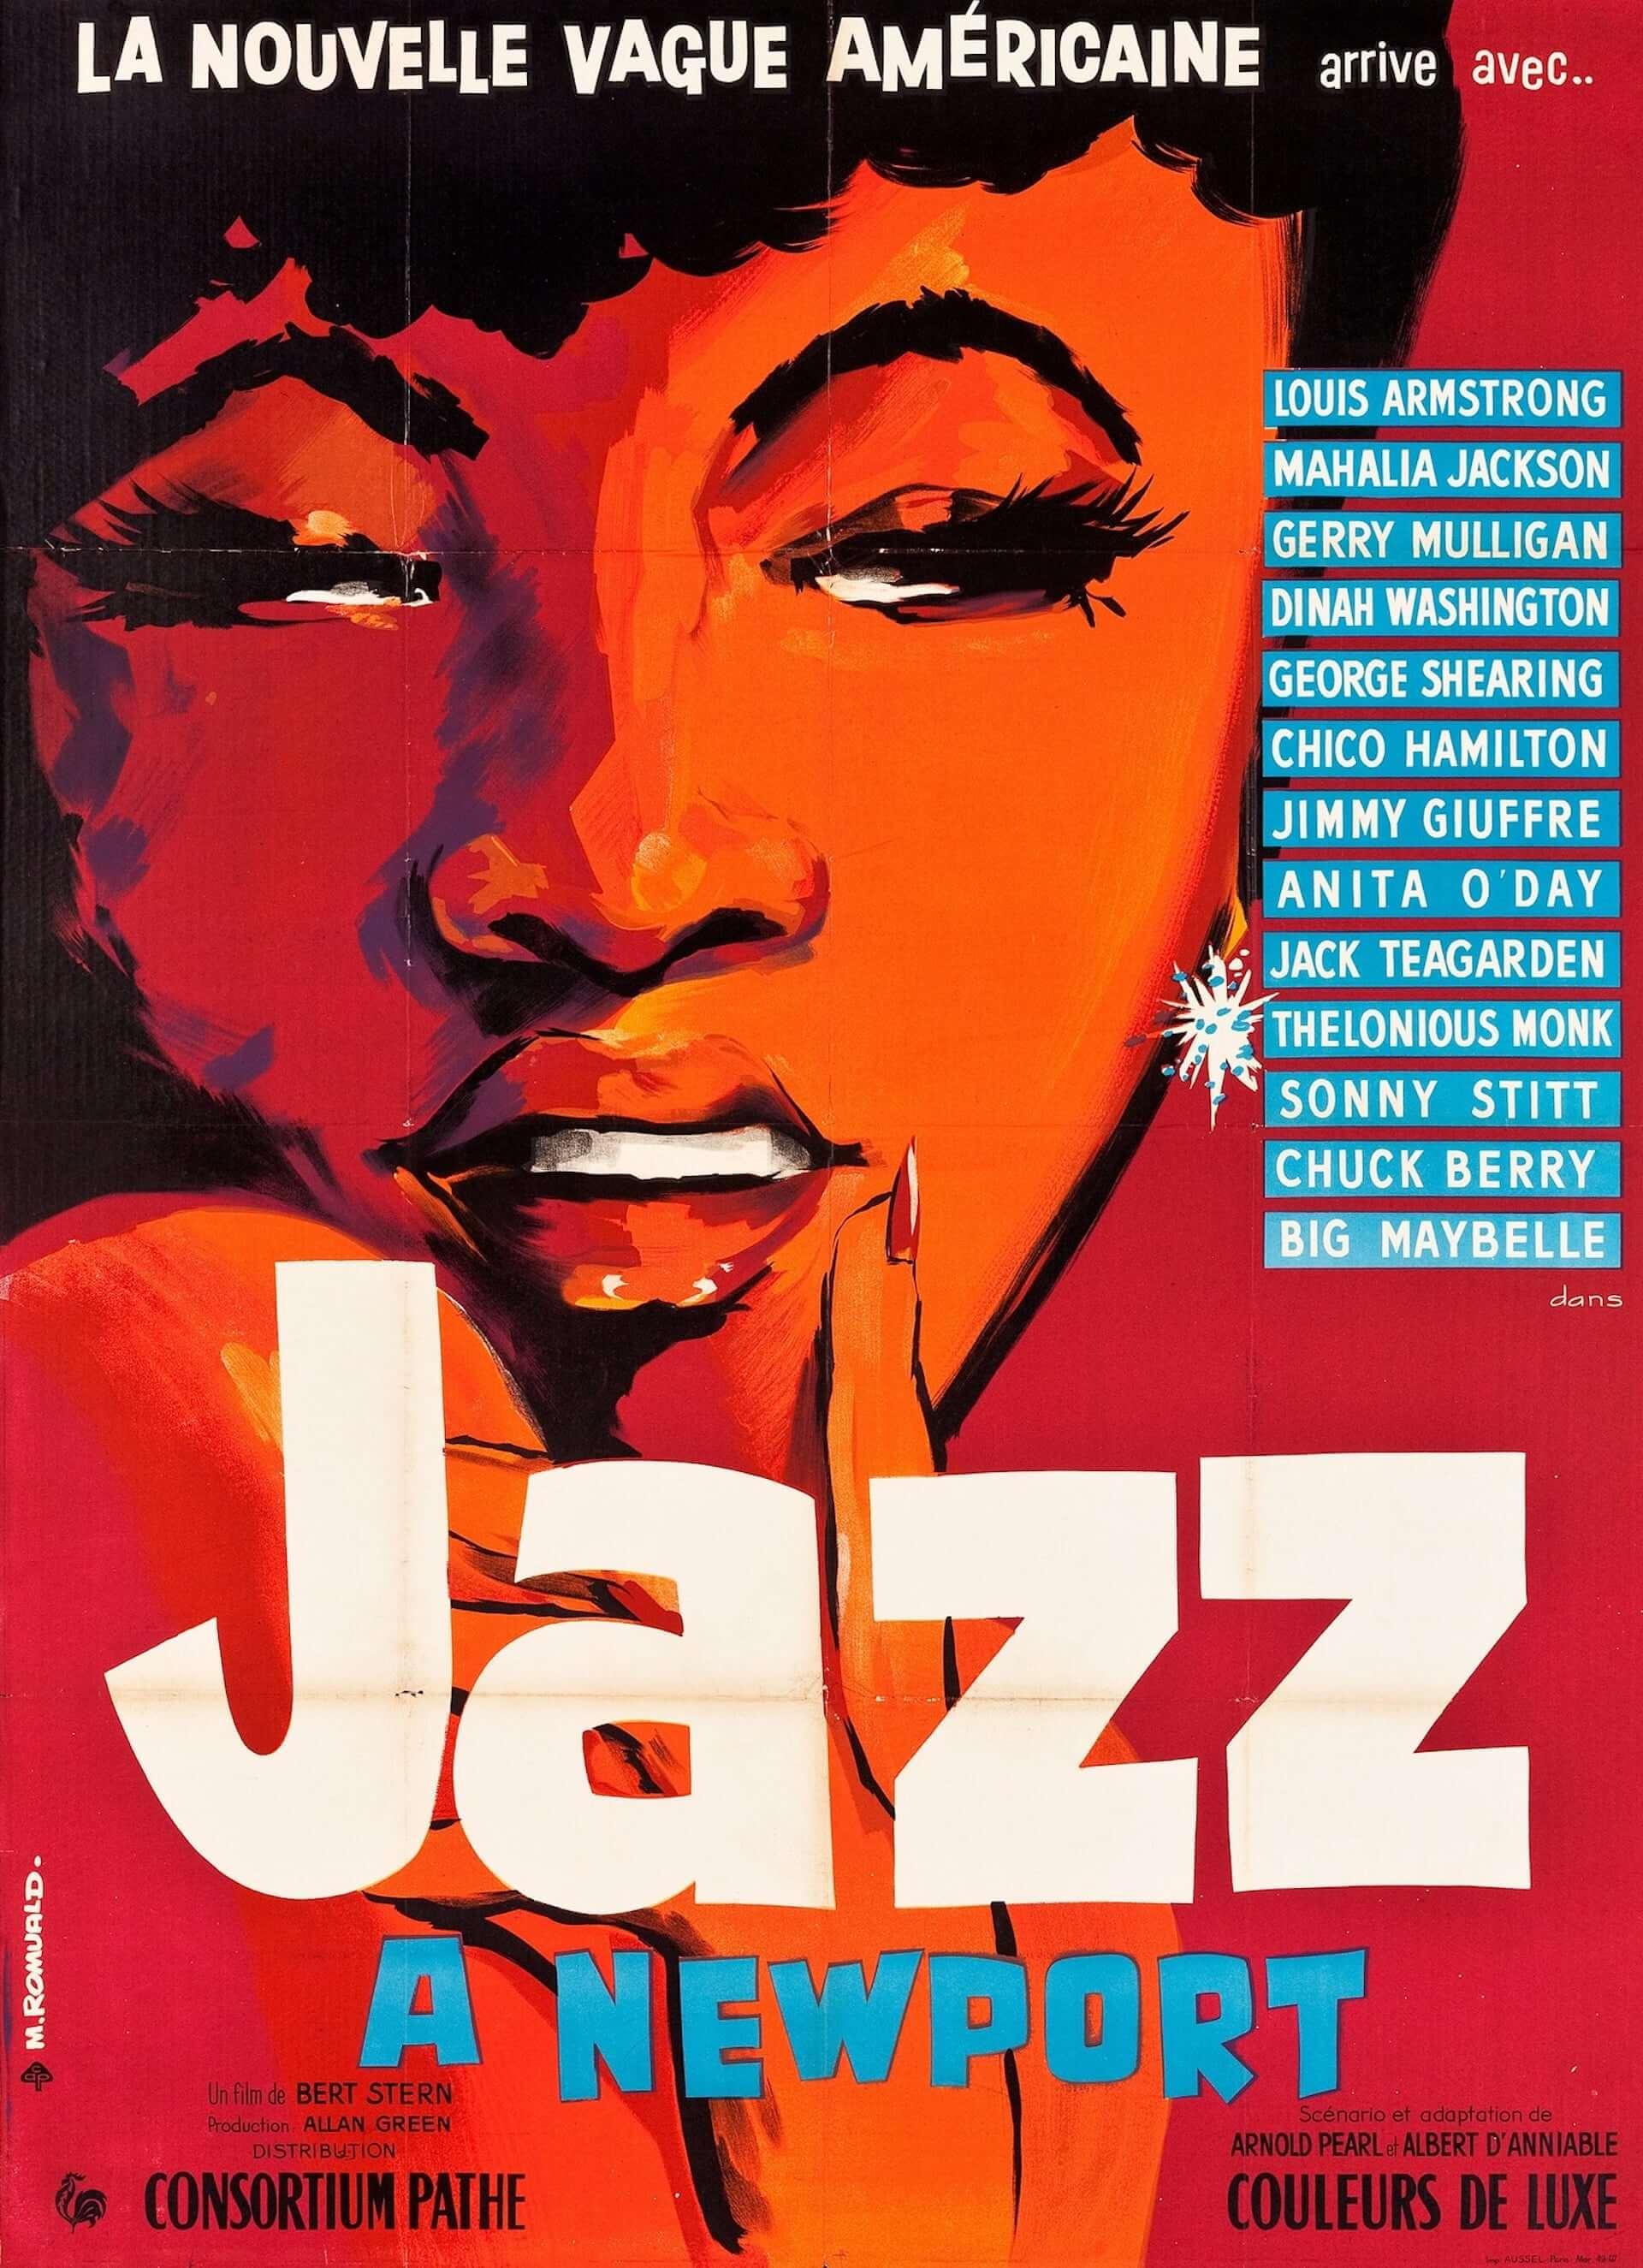 米最大級のフェスを追ったドキュメンタリー『真夏の夜のジャズ 4K』のビジュアルが4枚同時公開!1959年公開当時のフランス版&プレスブックの表紙も film200808_jazz4k_1-1920x2650